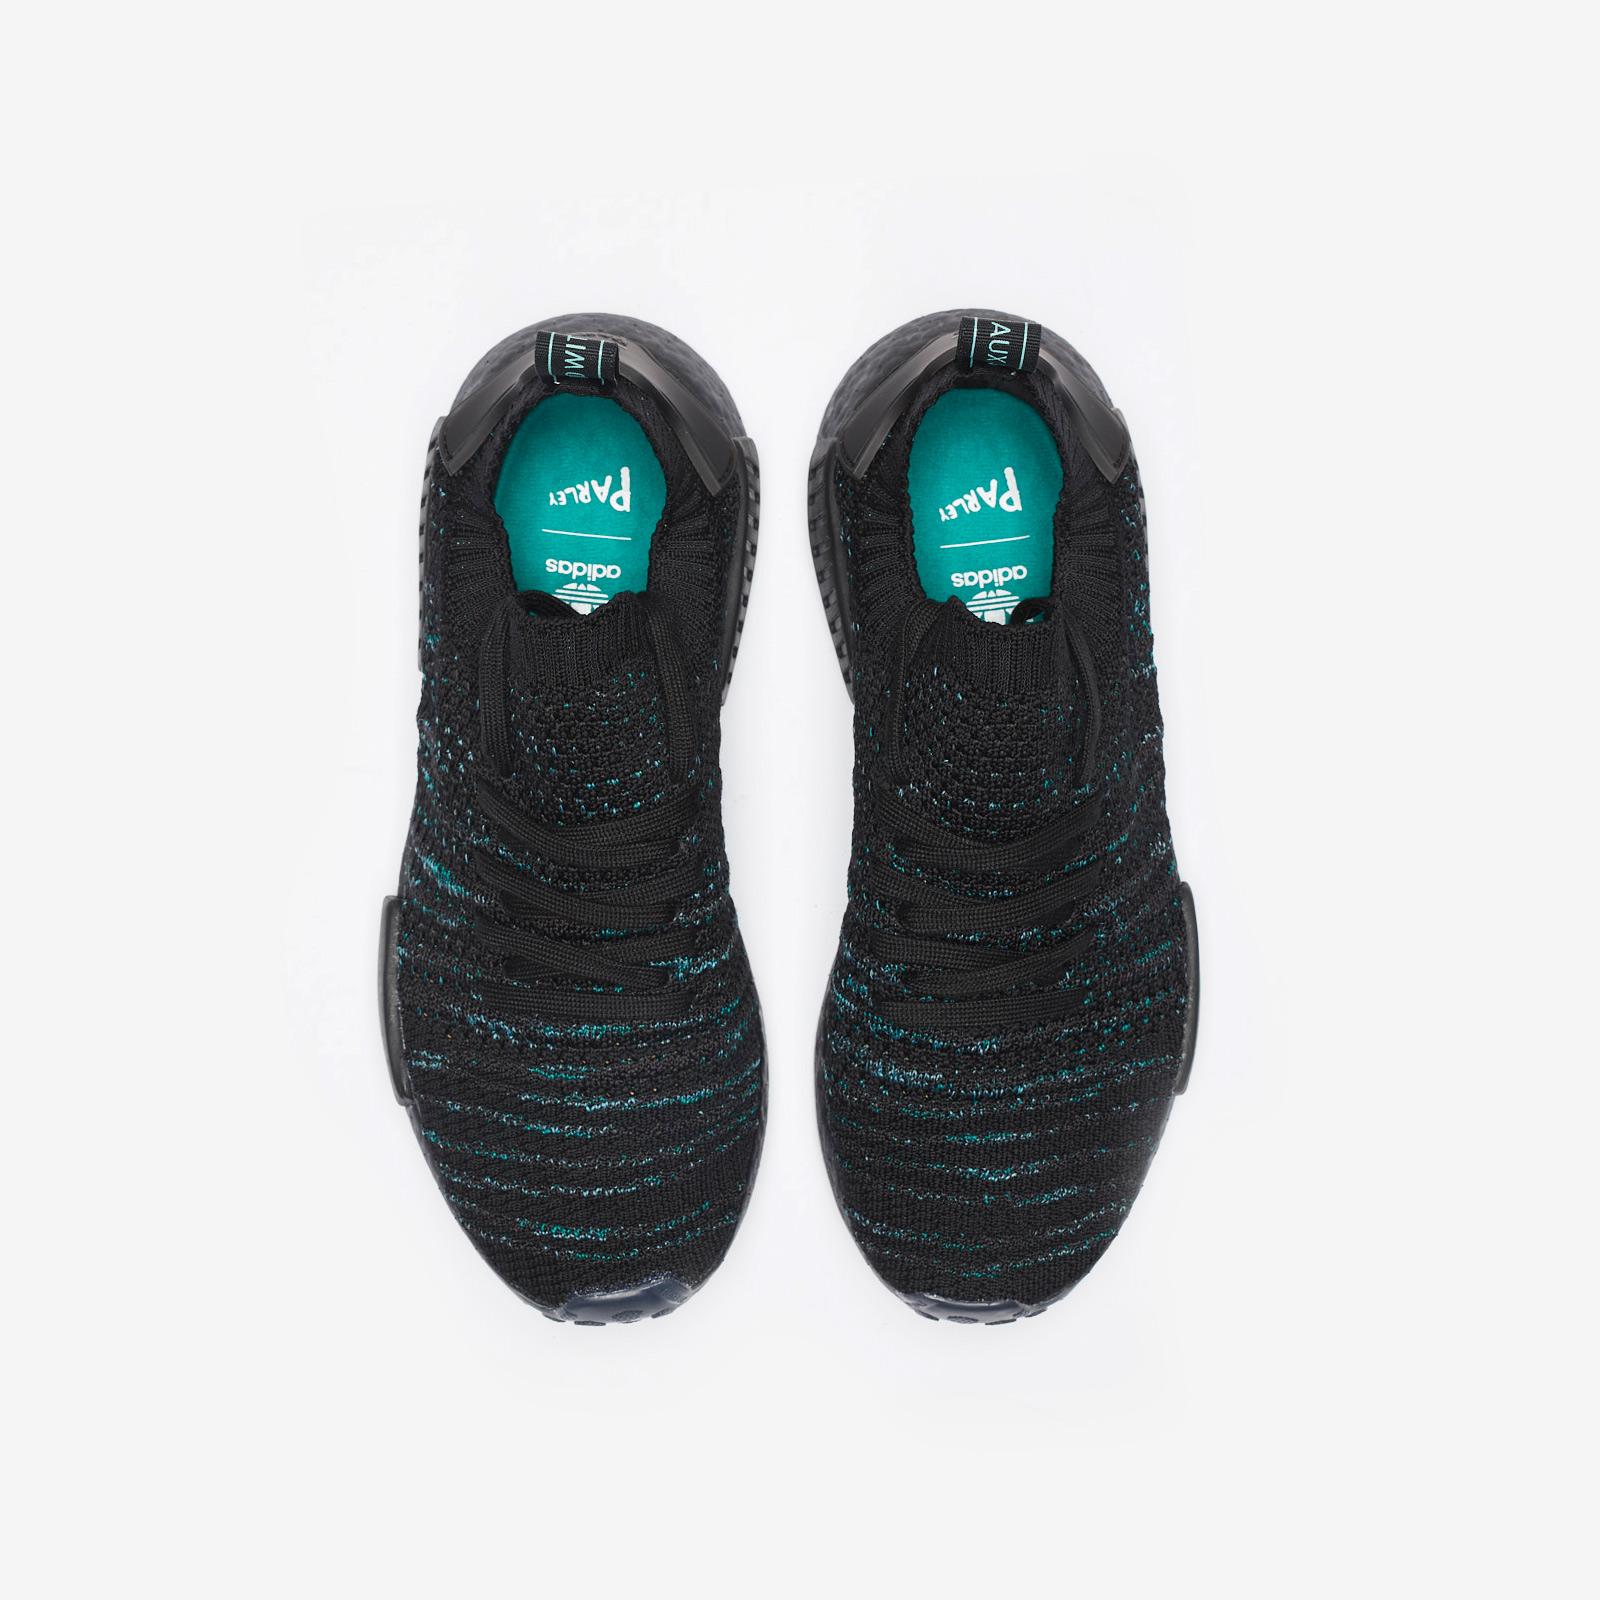 82af64a1c80 adidas NMD R1 STLT Parley PK - Aq0943 - Sneakersnstuff